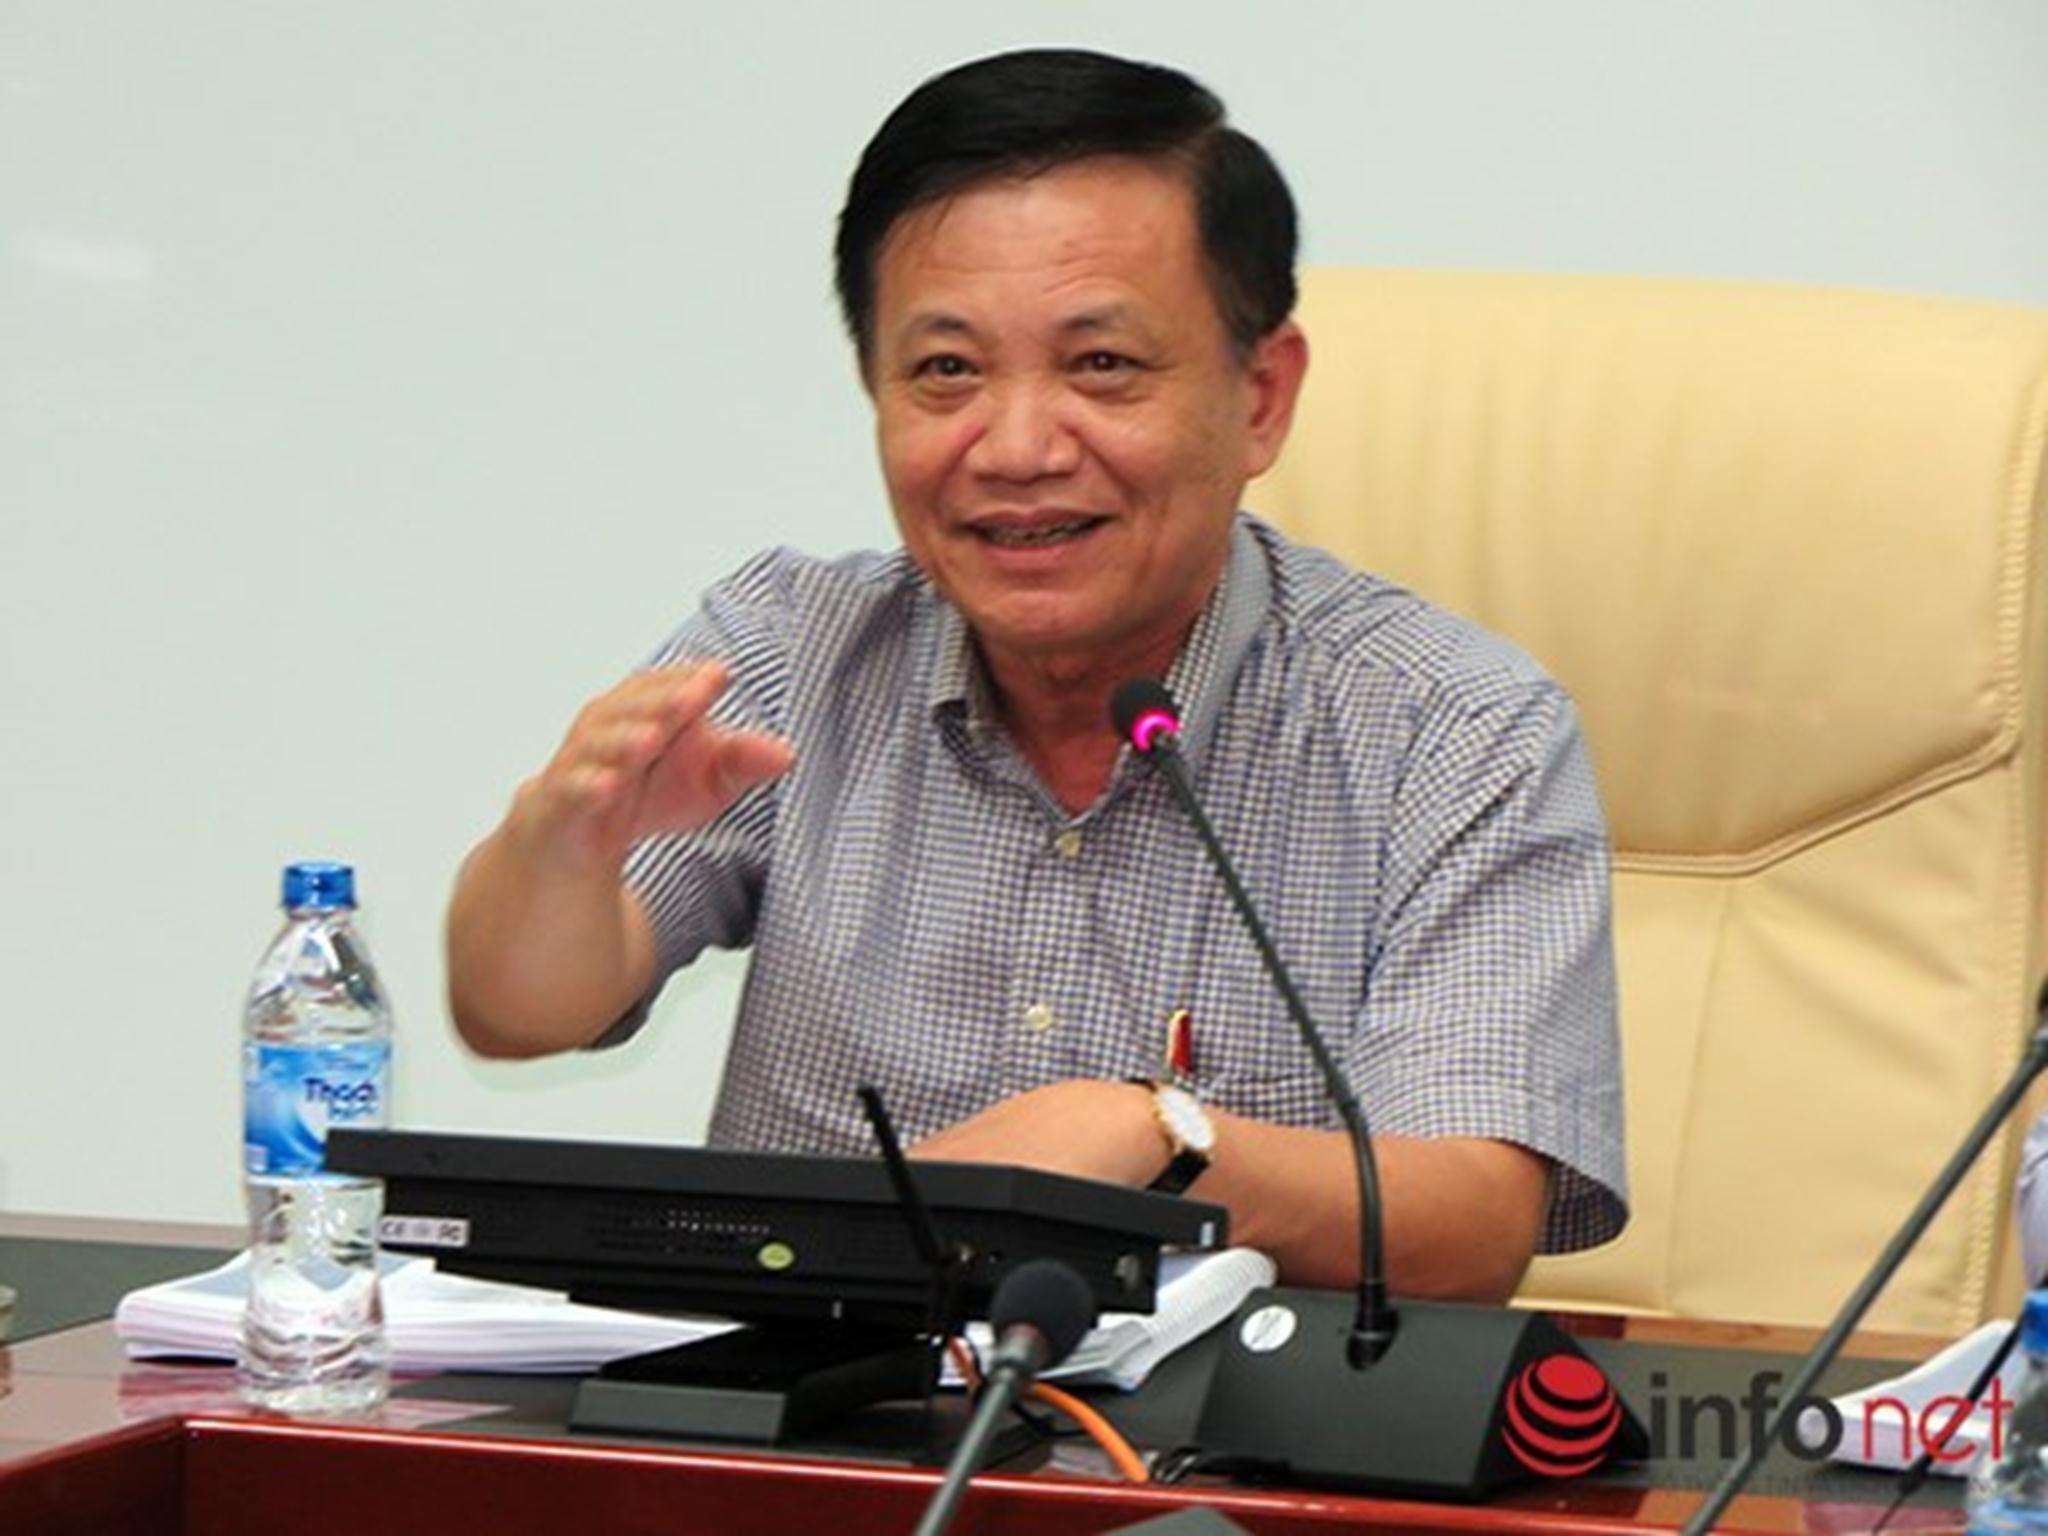 Ông Trần Thọ, Bí thư Thành ủy, Chủ tịch HĐND TP Đà Nẵng phát biểu ý kiến tại buổi làm việc  Xem thêm tại : http://www.danang43.com/da-nang-lay-y-kien-gioi-chuyen-mon-va-nguoi-dan-ve-quy-hoach-song-han-p4451.html